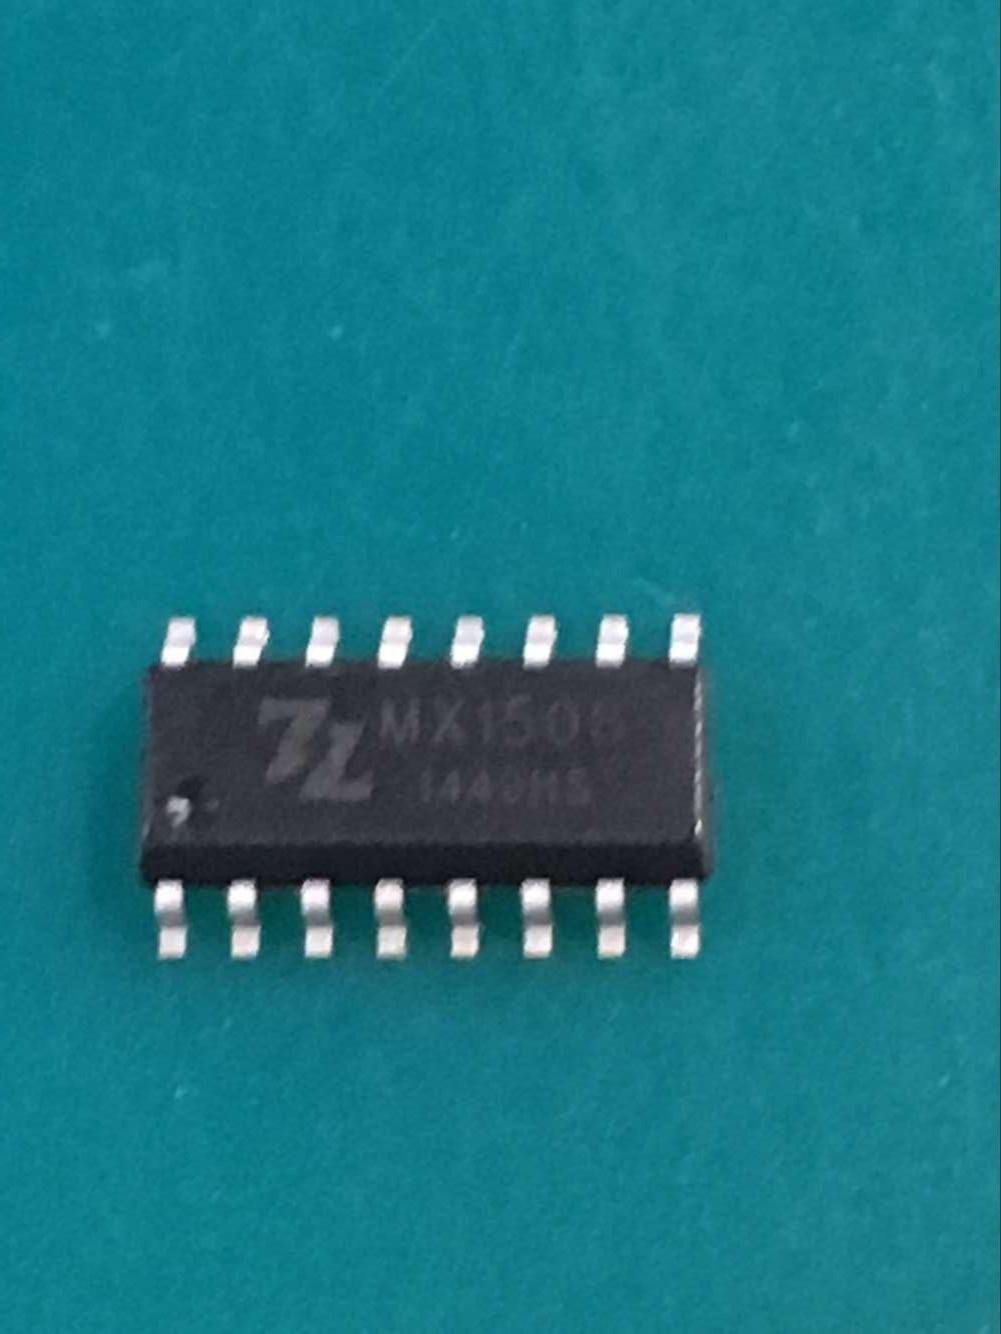 OEM Bộ chuyển nguồn IC MX1508 ổ đĩa động cơ kép chức năng đồ chơi IC chức năng IC hỗ trợ kỹ thuật nh